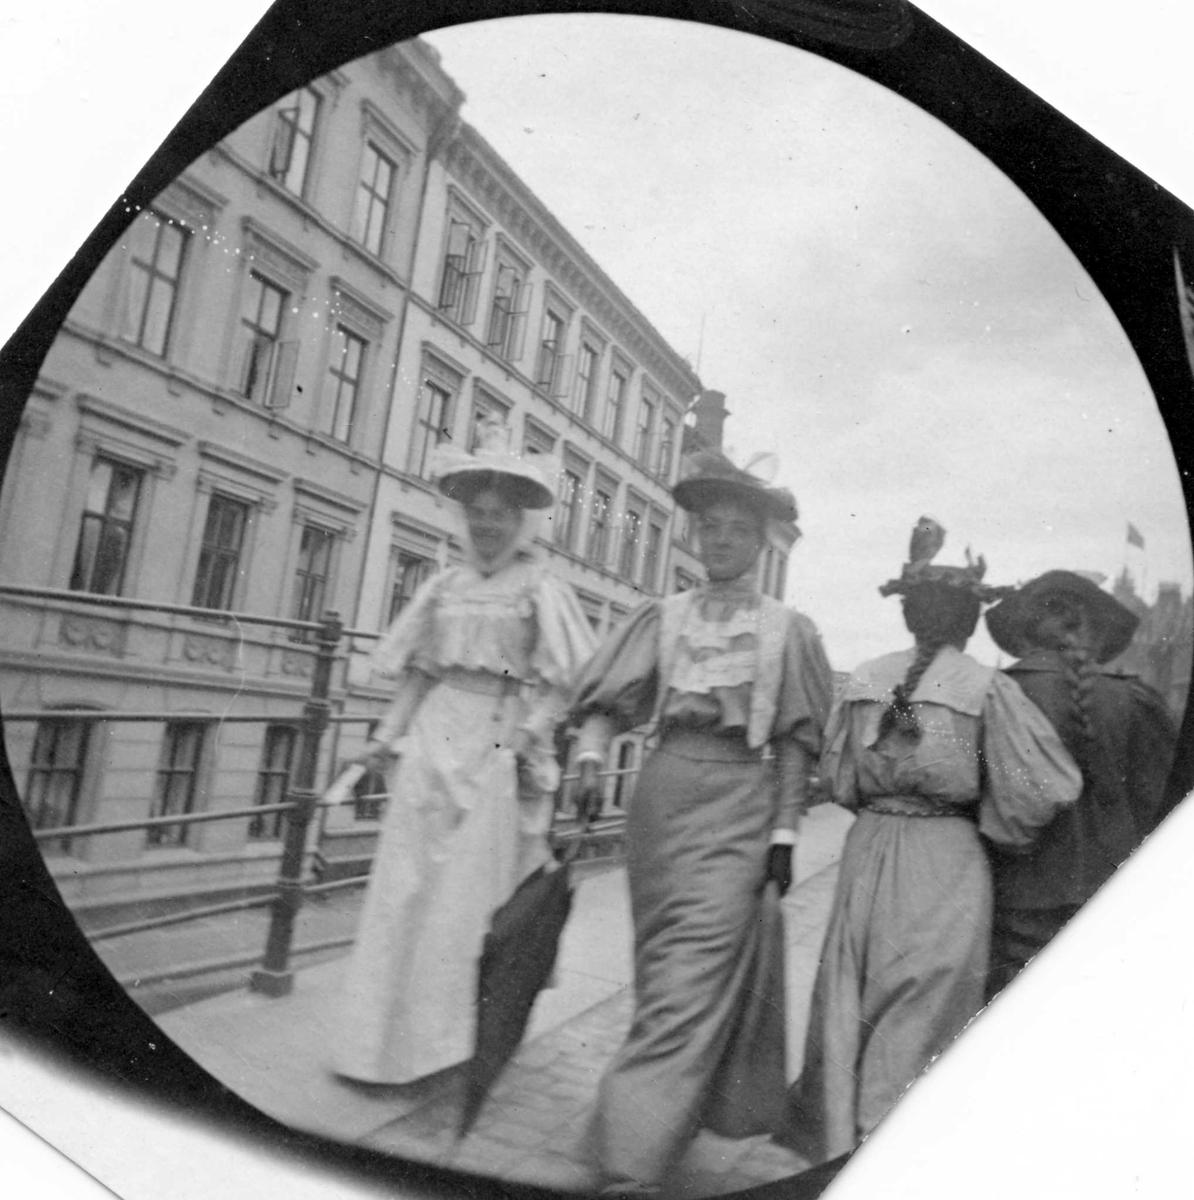 Frk.Bjelke og frk. Hvoslef spaserer langs gjerde i bygate, Oslo. To damer med ryggen til og bygårder.